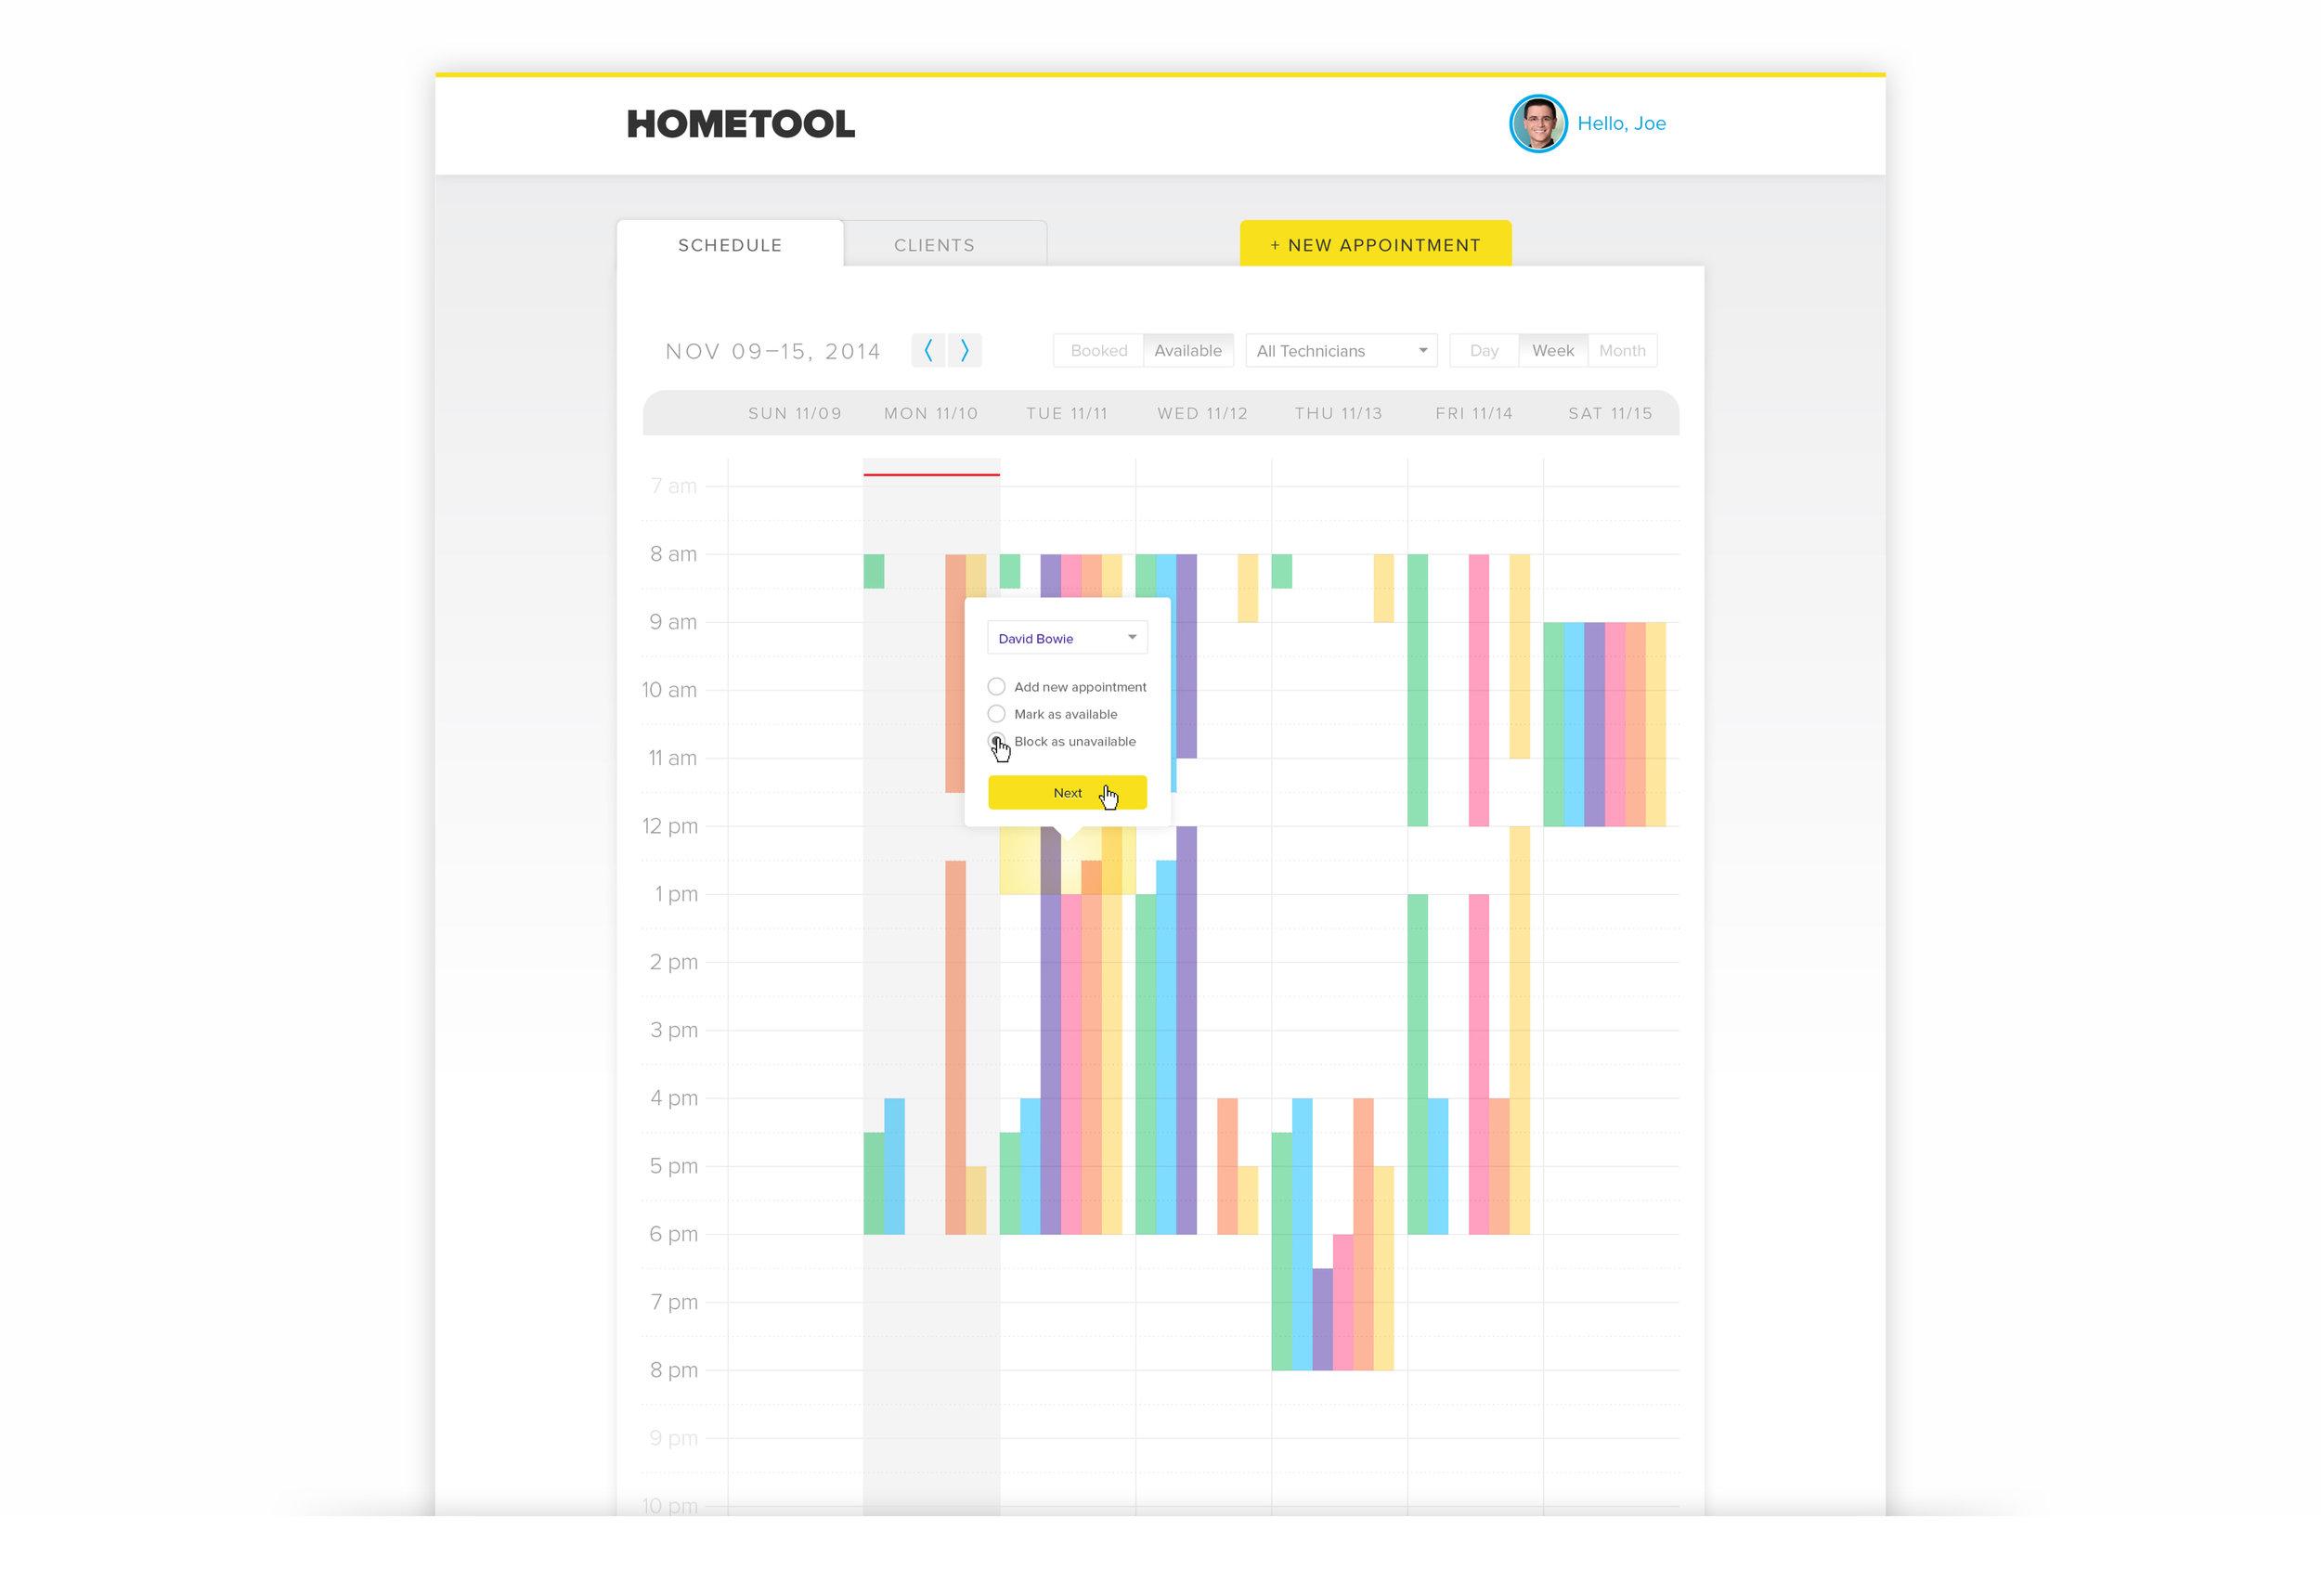 hometool_calendar-04@2x.jpg